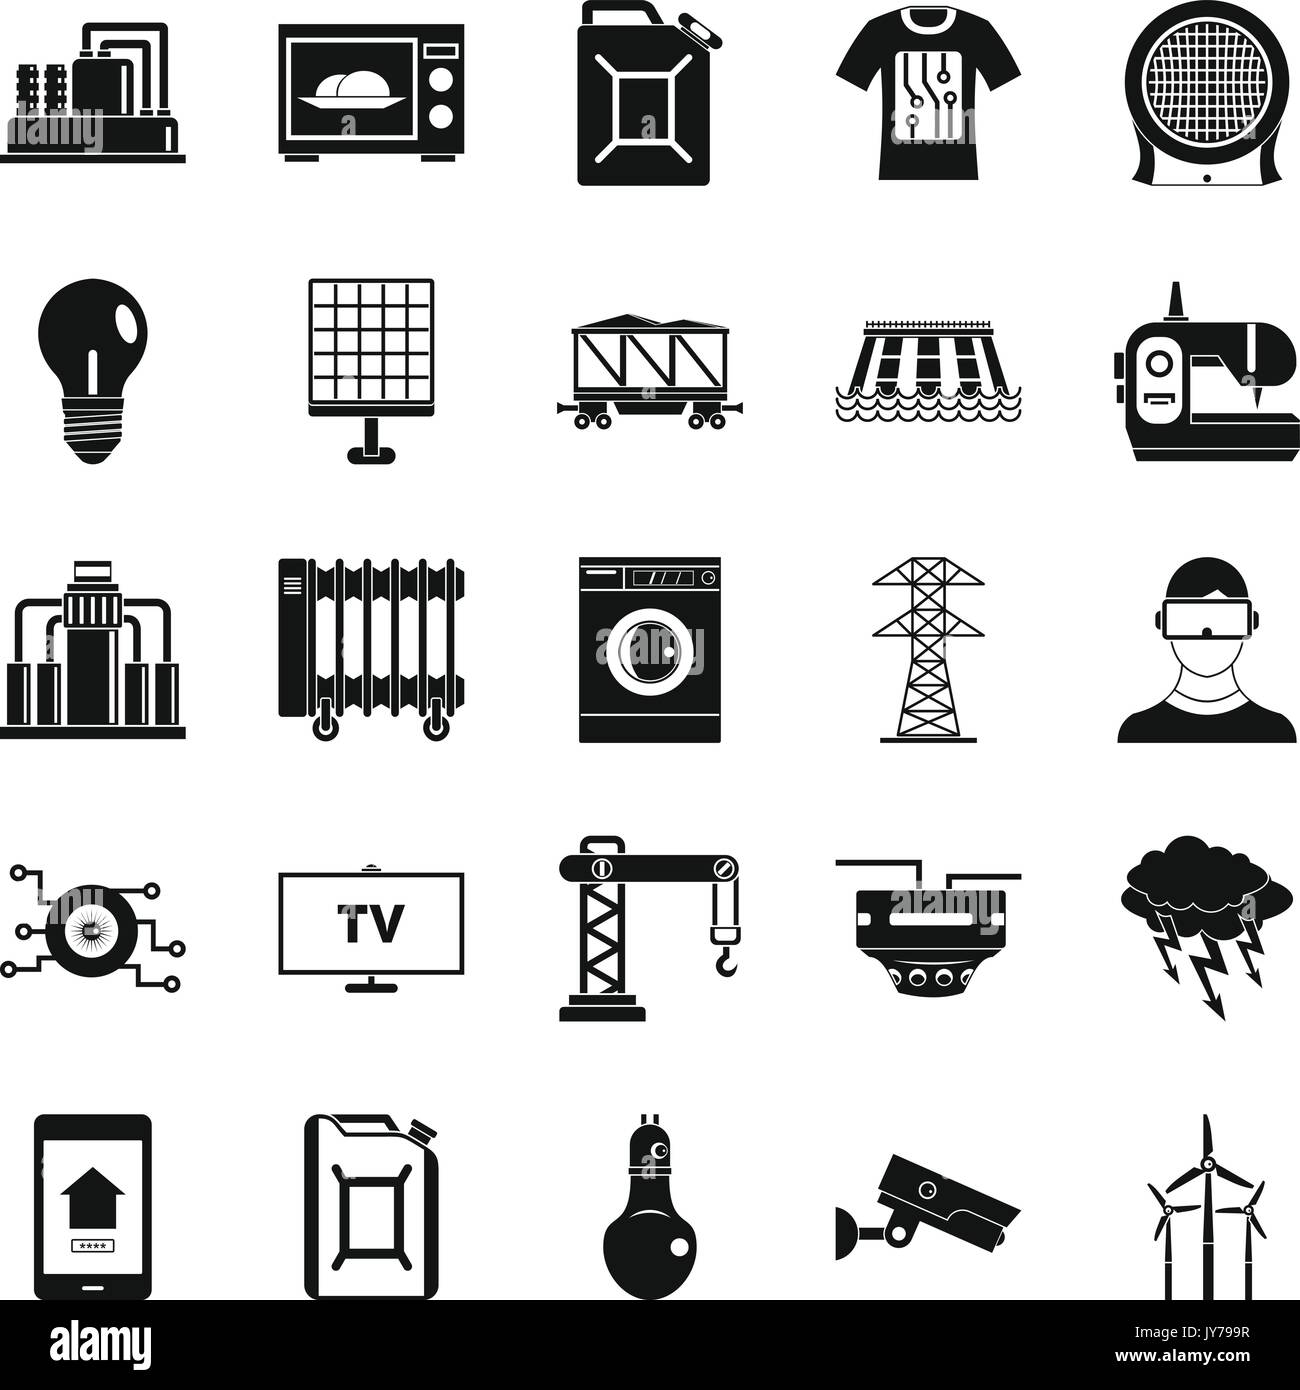 Beste Probezusammenfassungen Für Elektriker Ideen - Entry Level ...